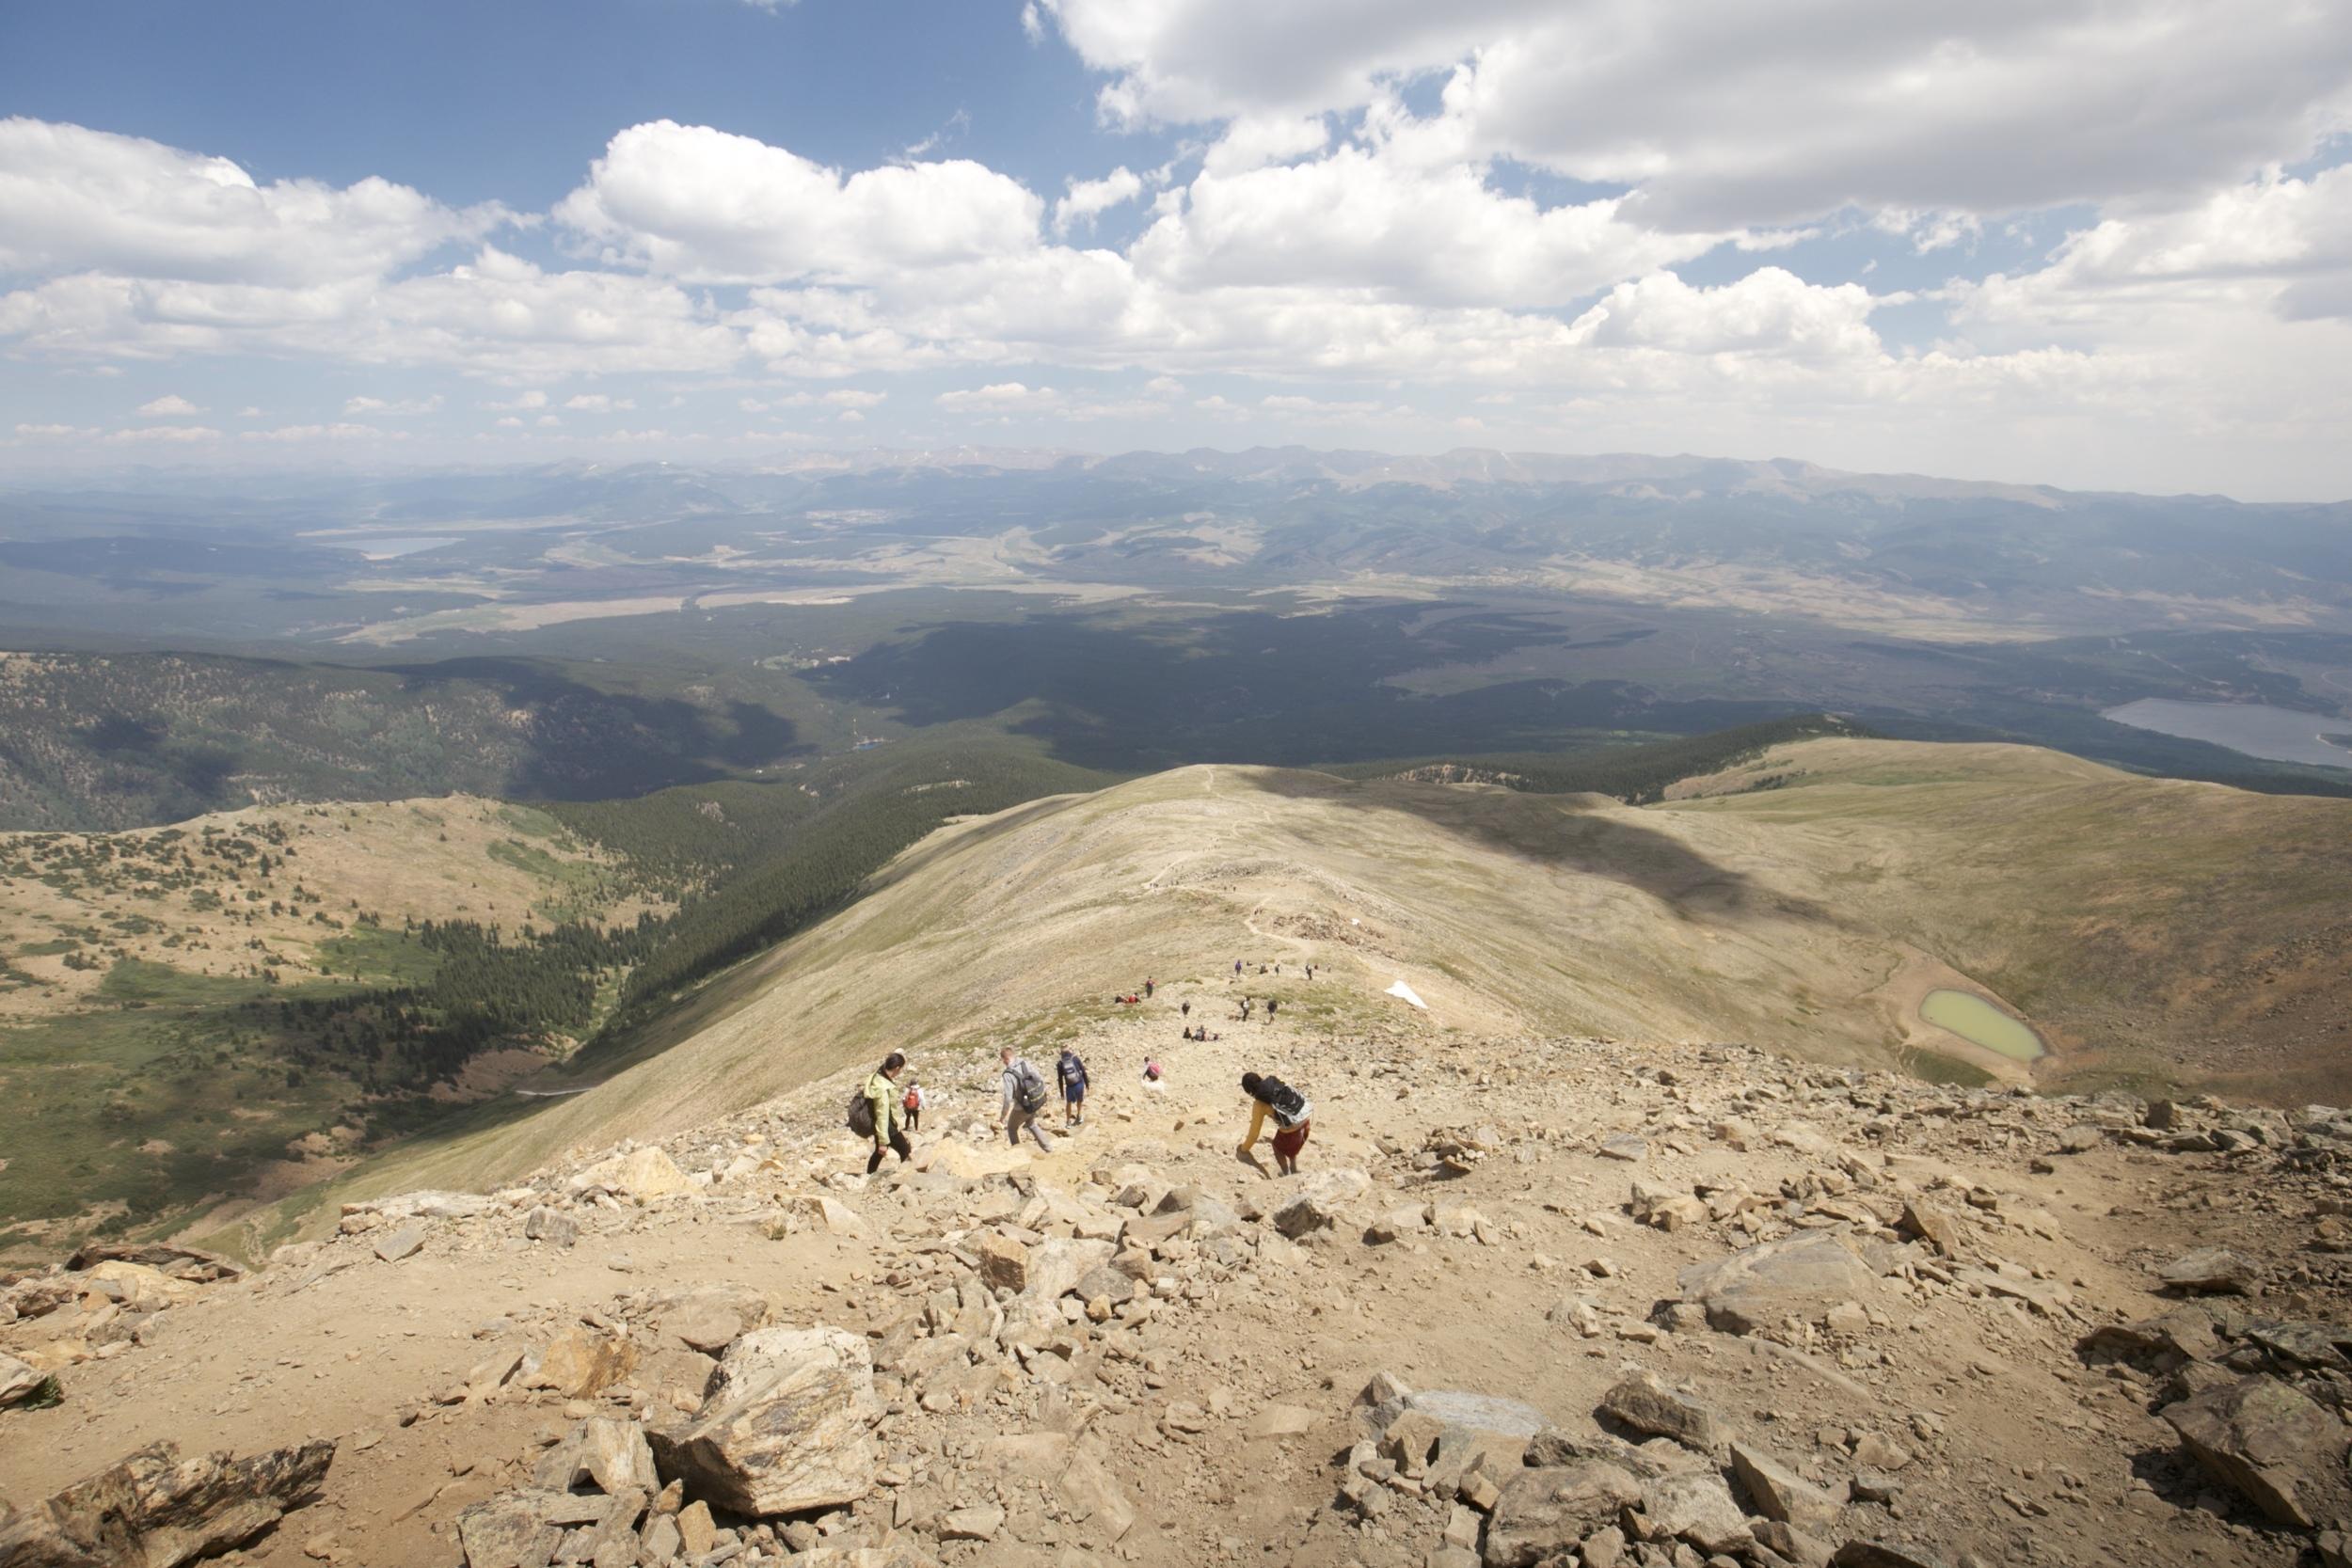 The steep slope of Mount Elbert.